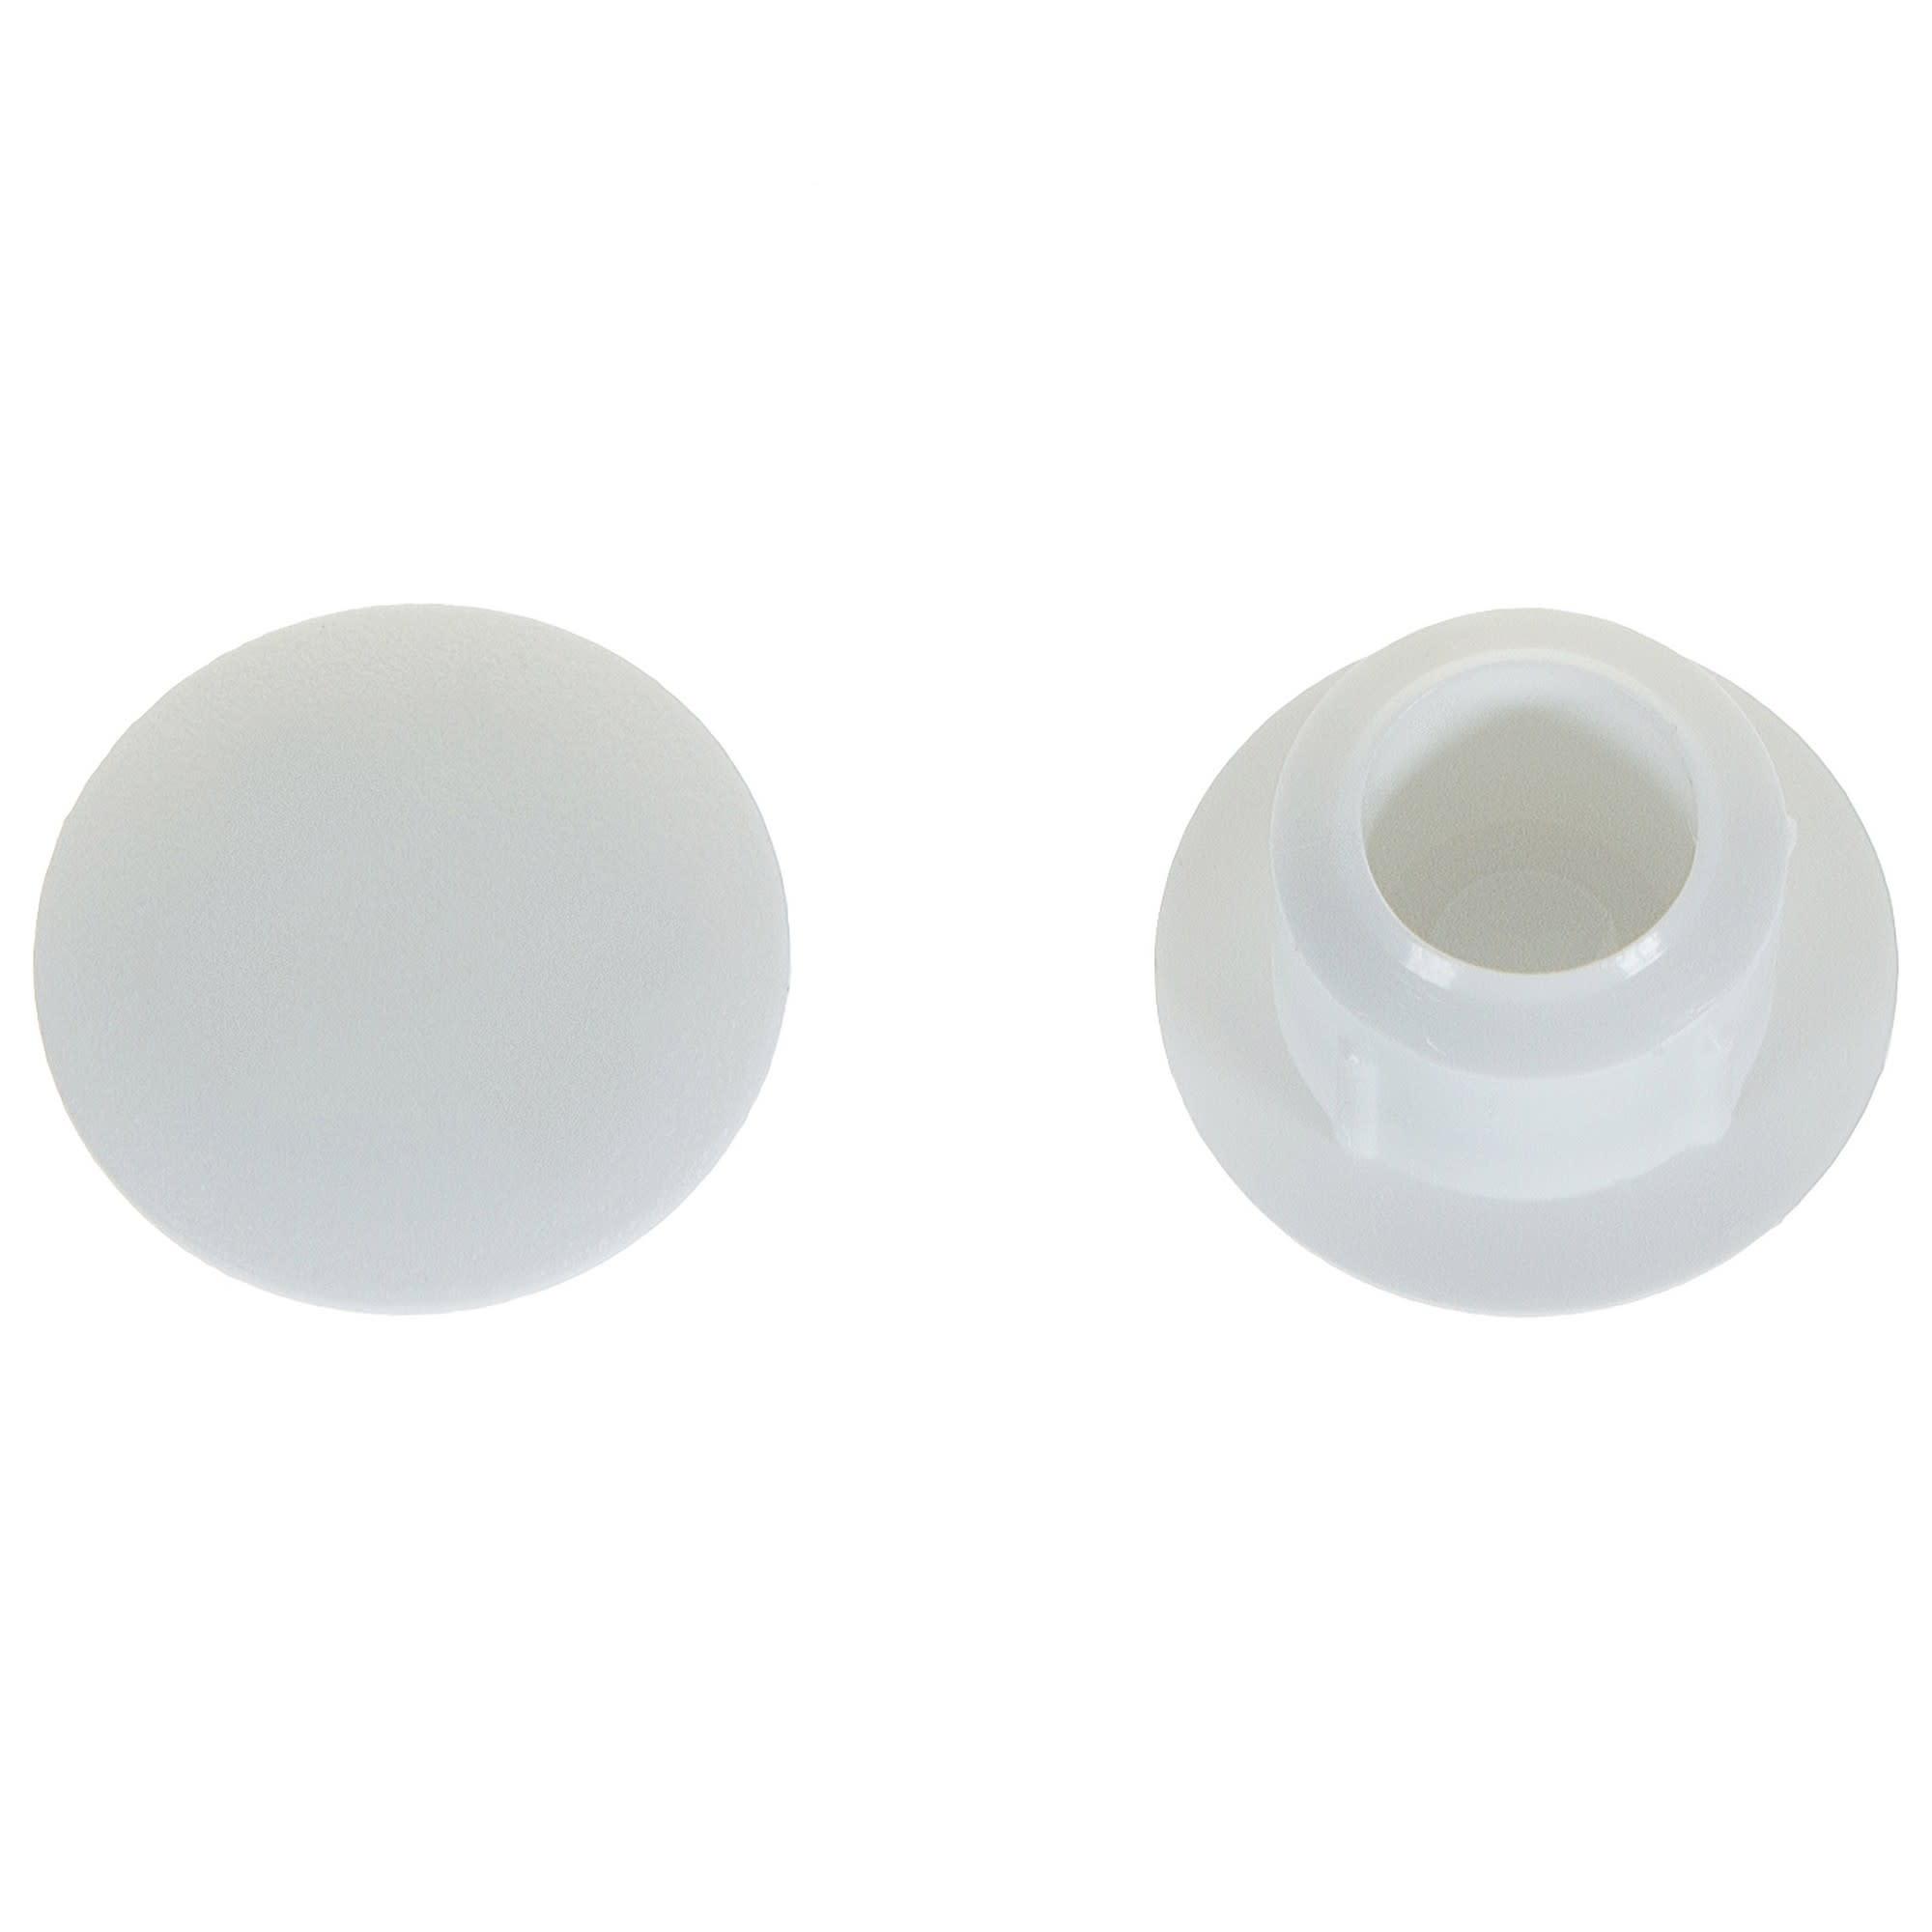 заглушка на отверстие 8 мм полиэтилен цвет белый 40 шт